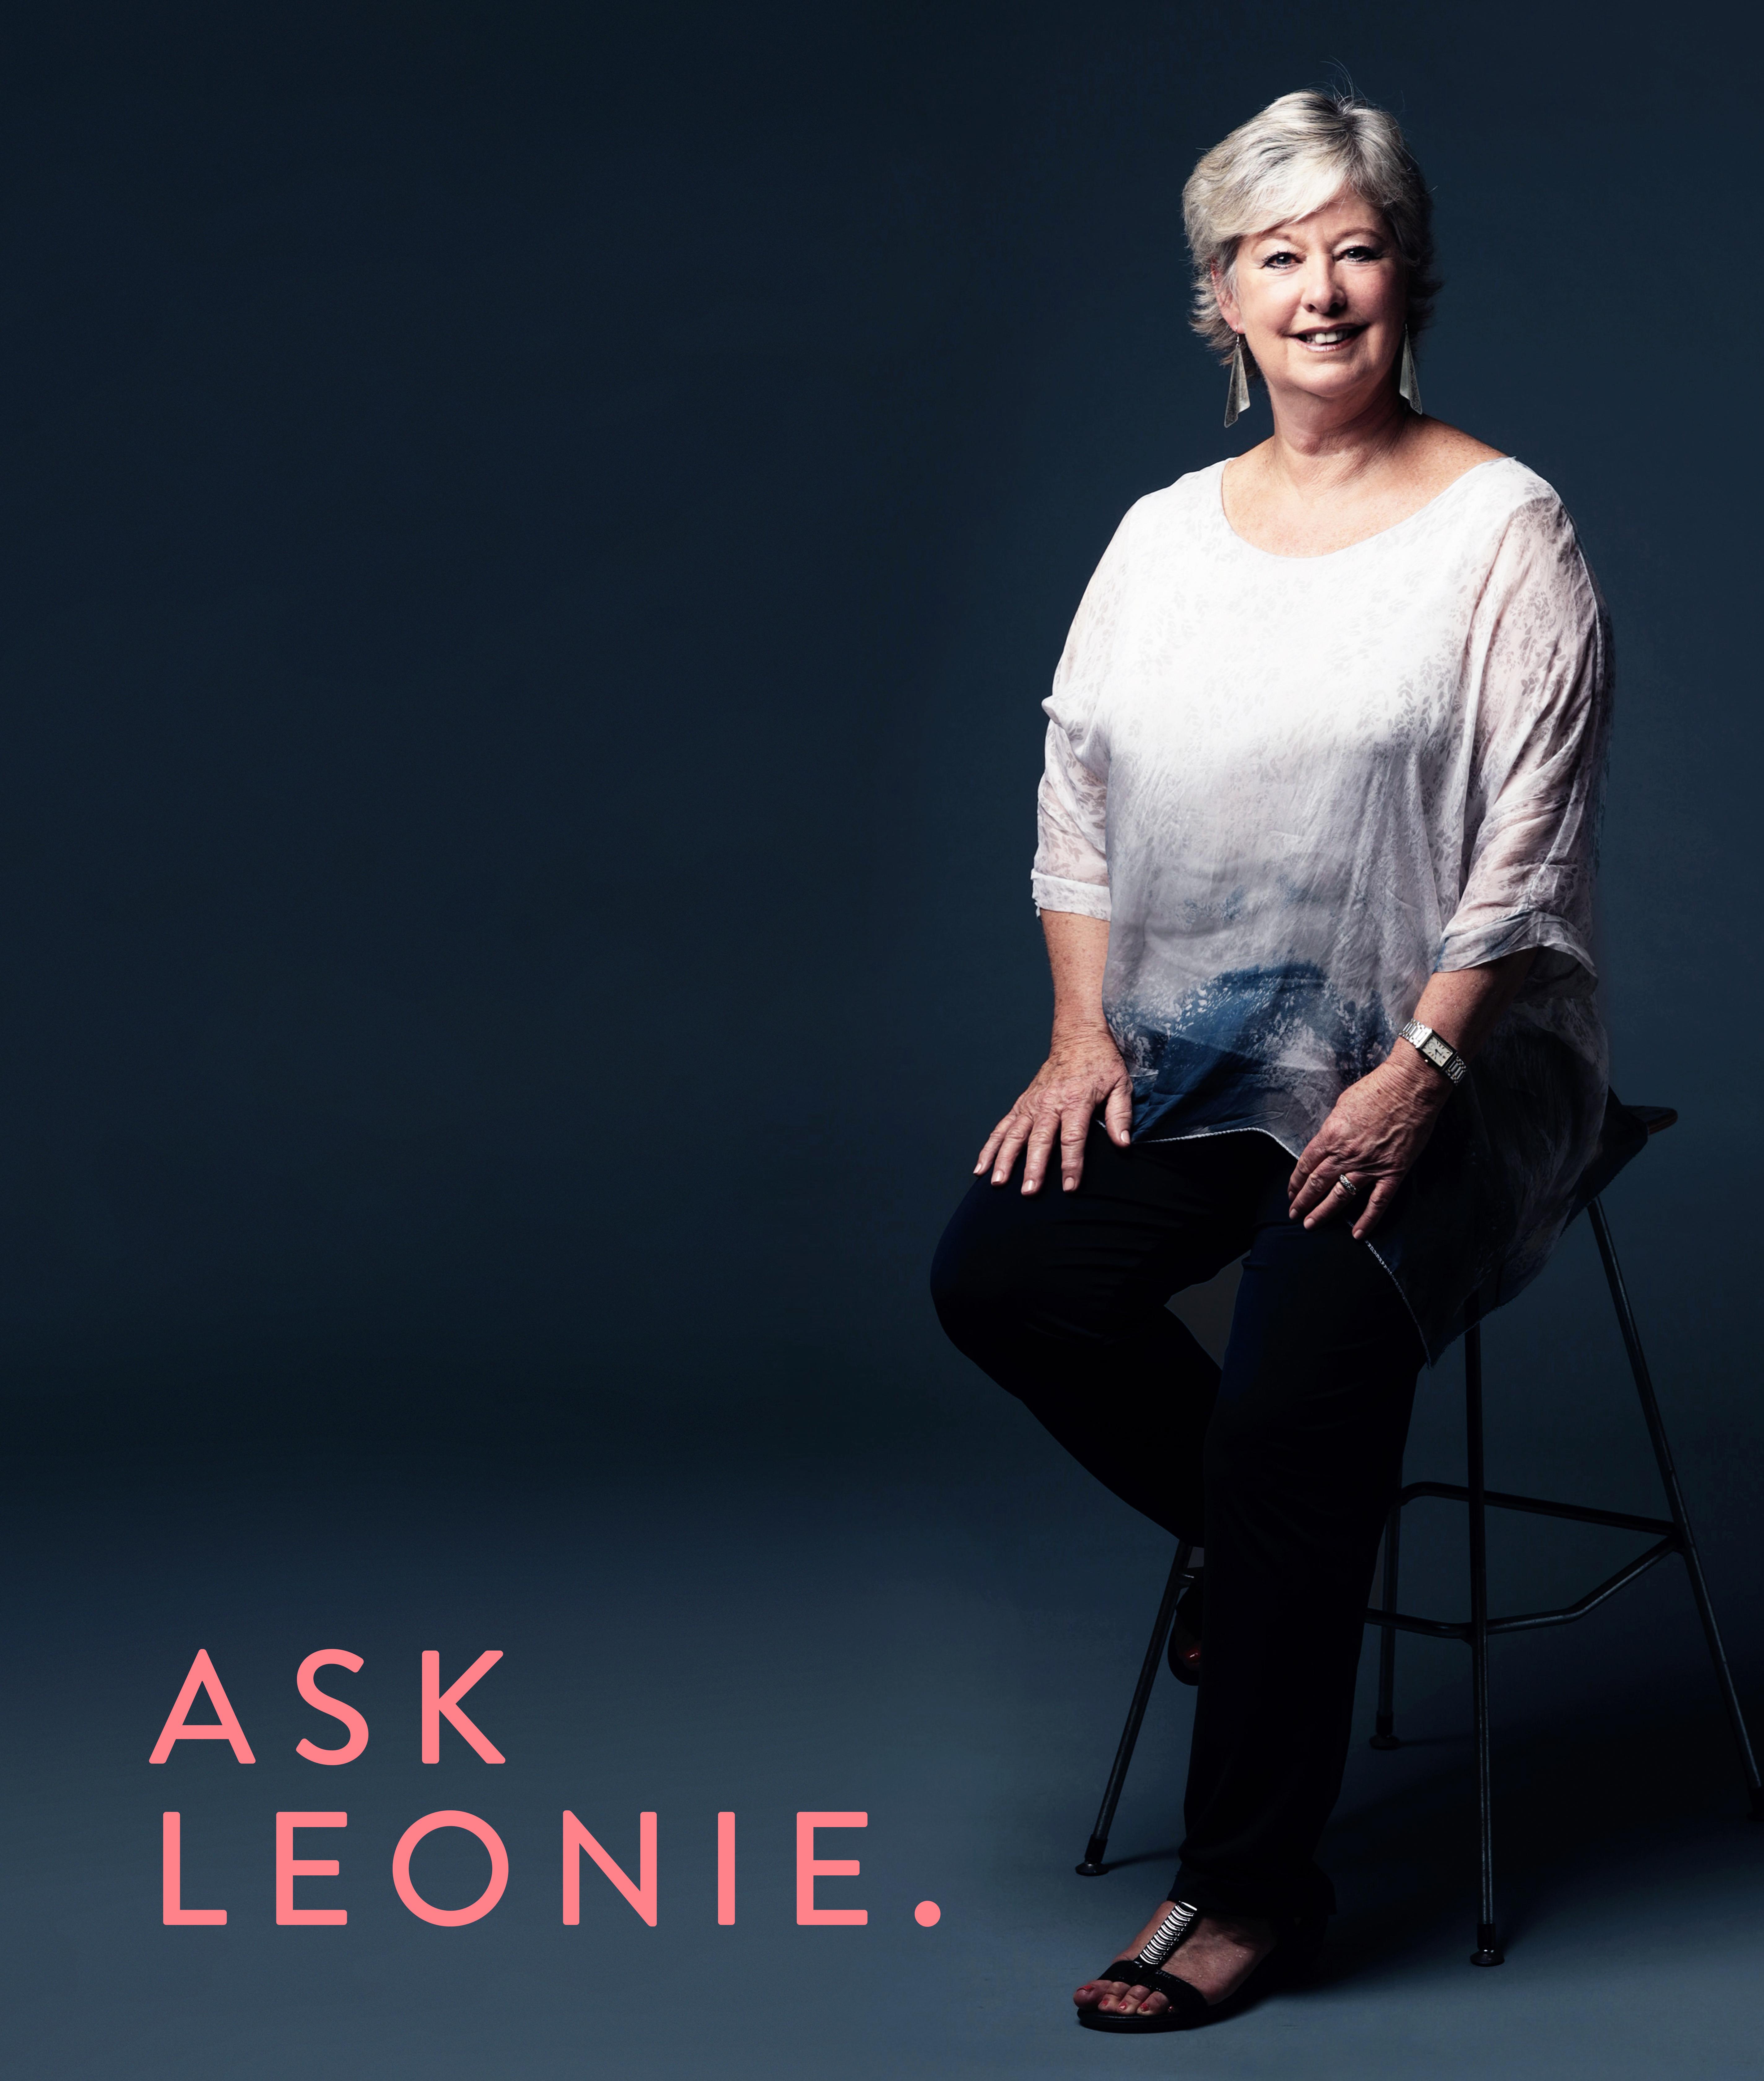 Leonie Piper